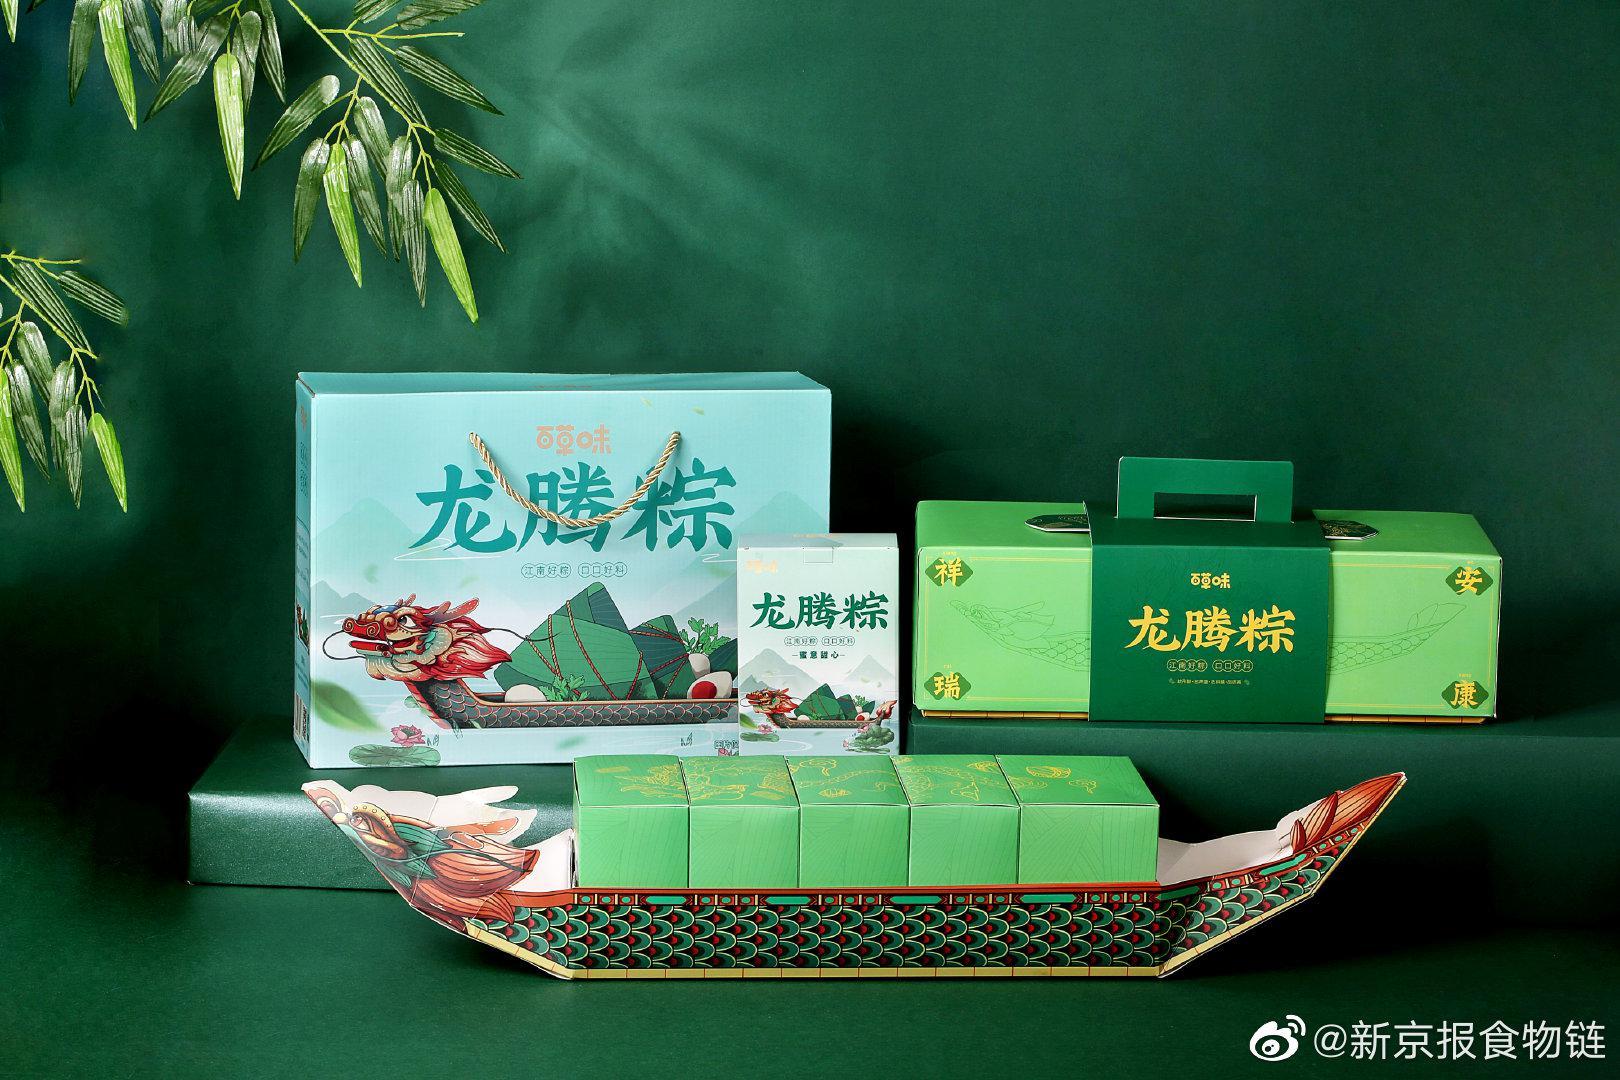 百草味 推出人造肉 粽,为今年第3款人造肉产品